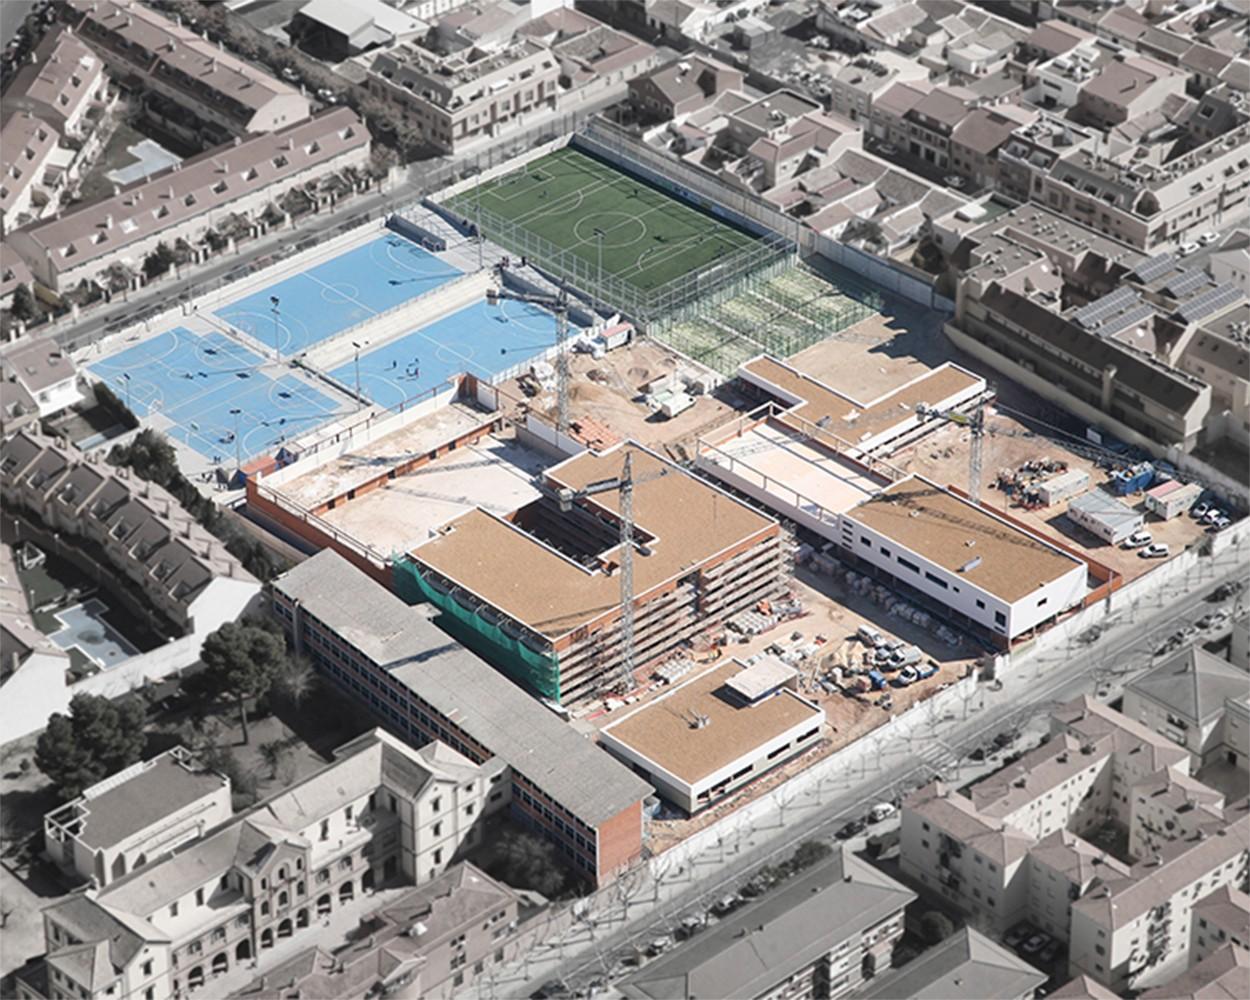 Colegio marianistas ciudad real tarazona arquitectos - Arquitectos ciudad real ...